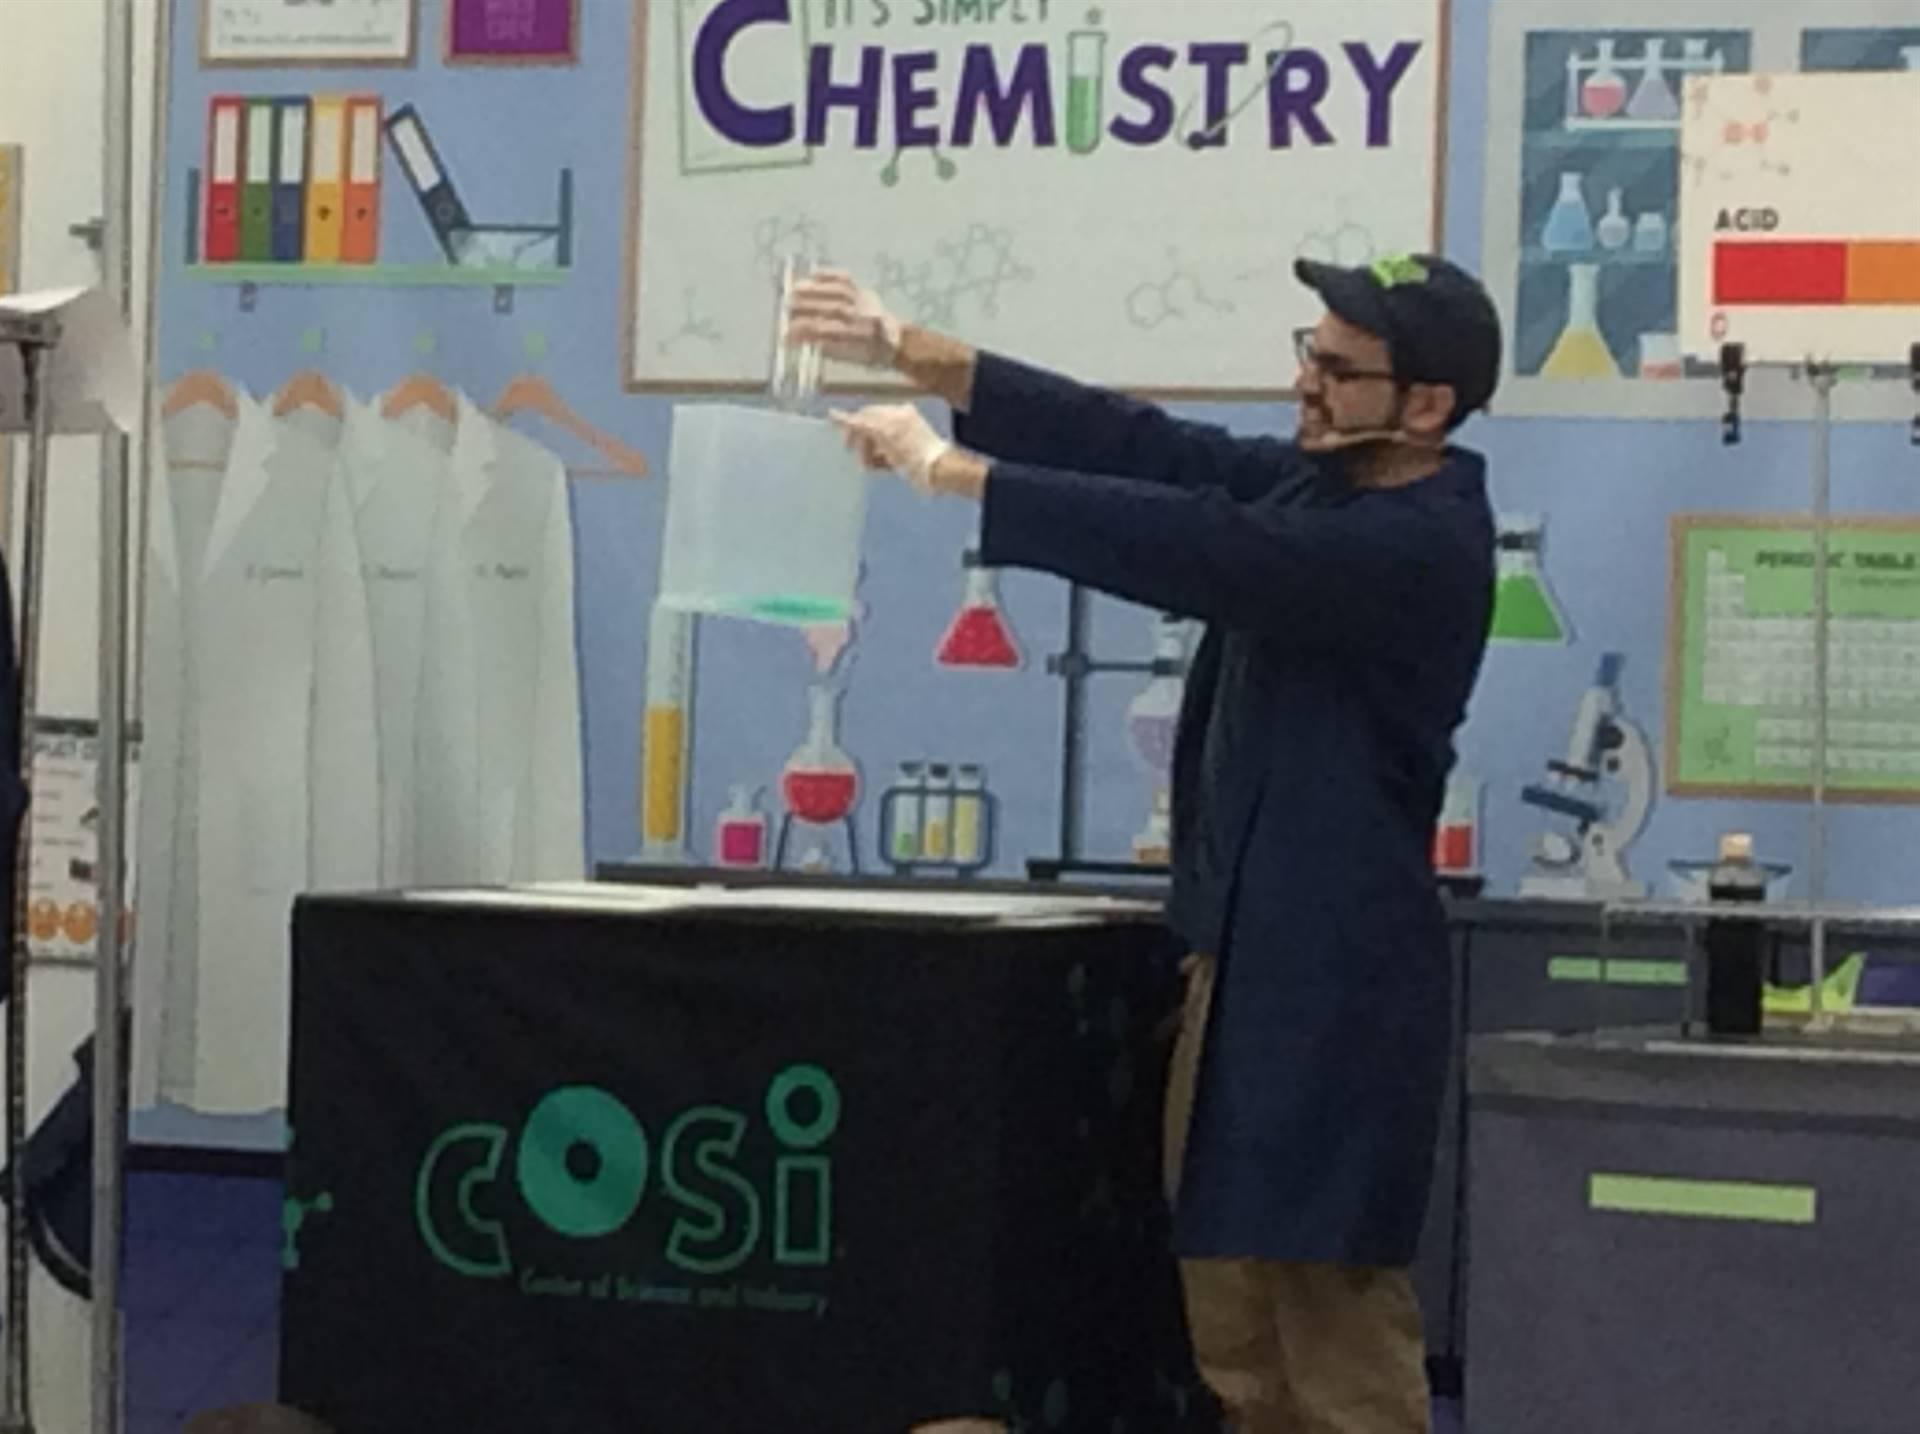 COSI Visit 3/3/2020